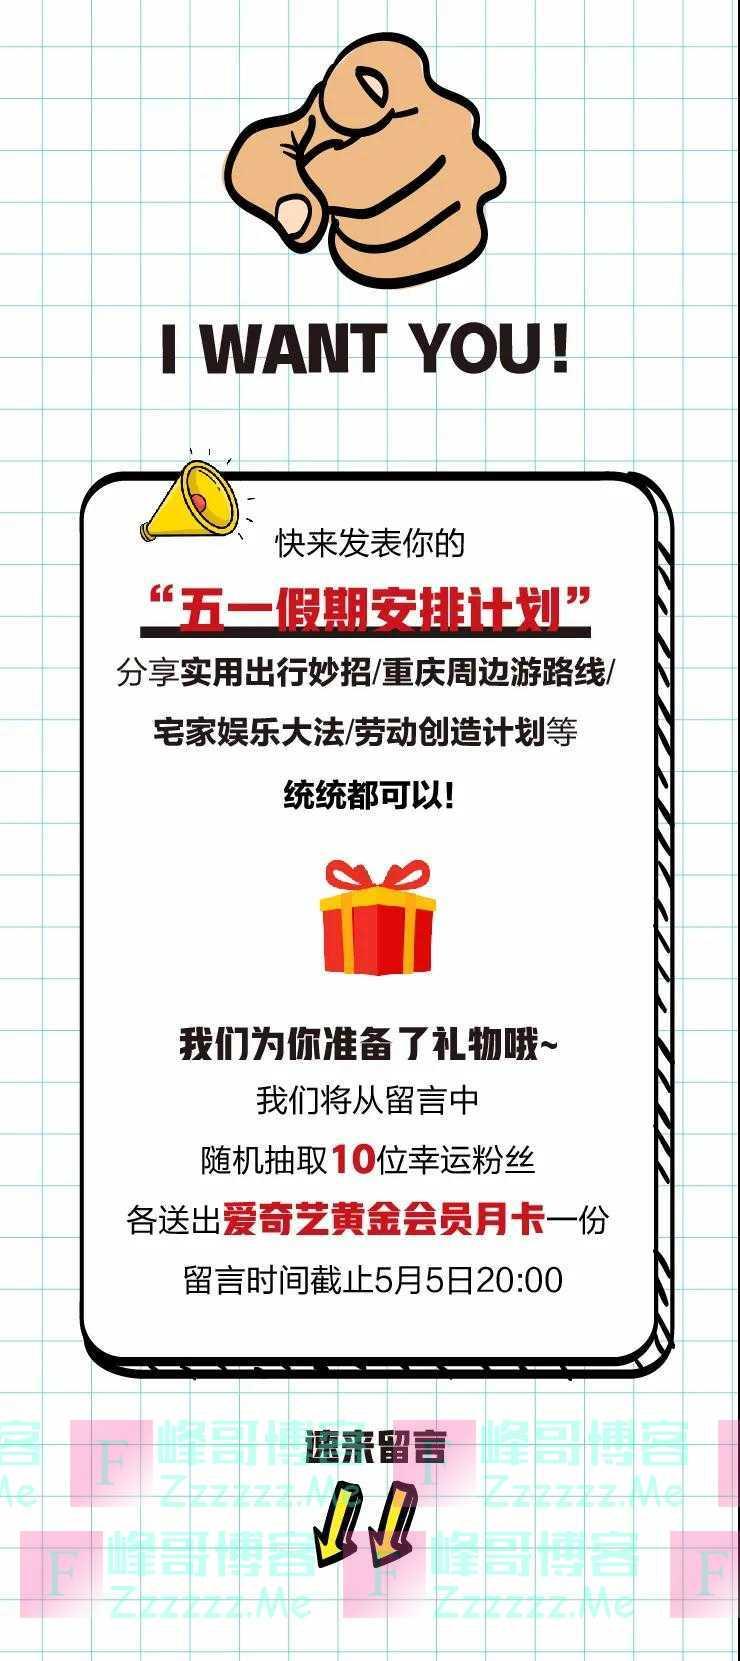 中国民生银行重庆分行留言有奖(截止5月5日)